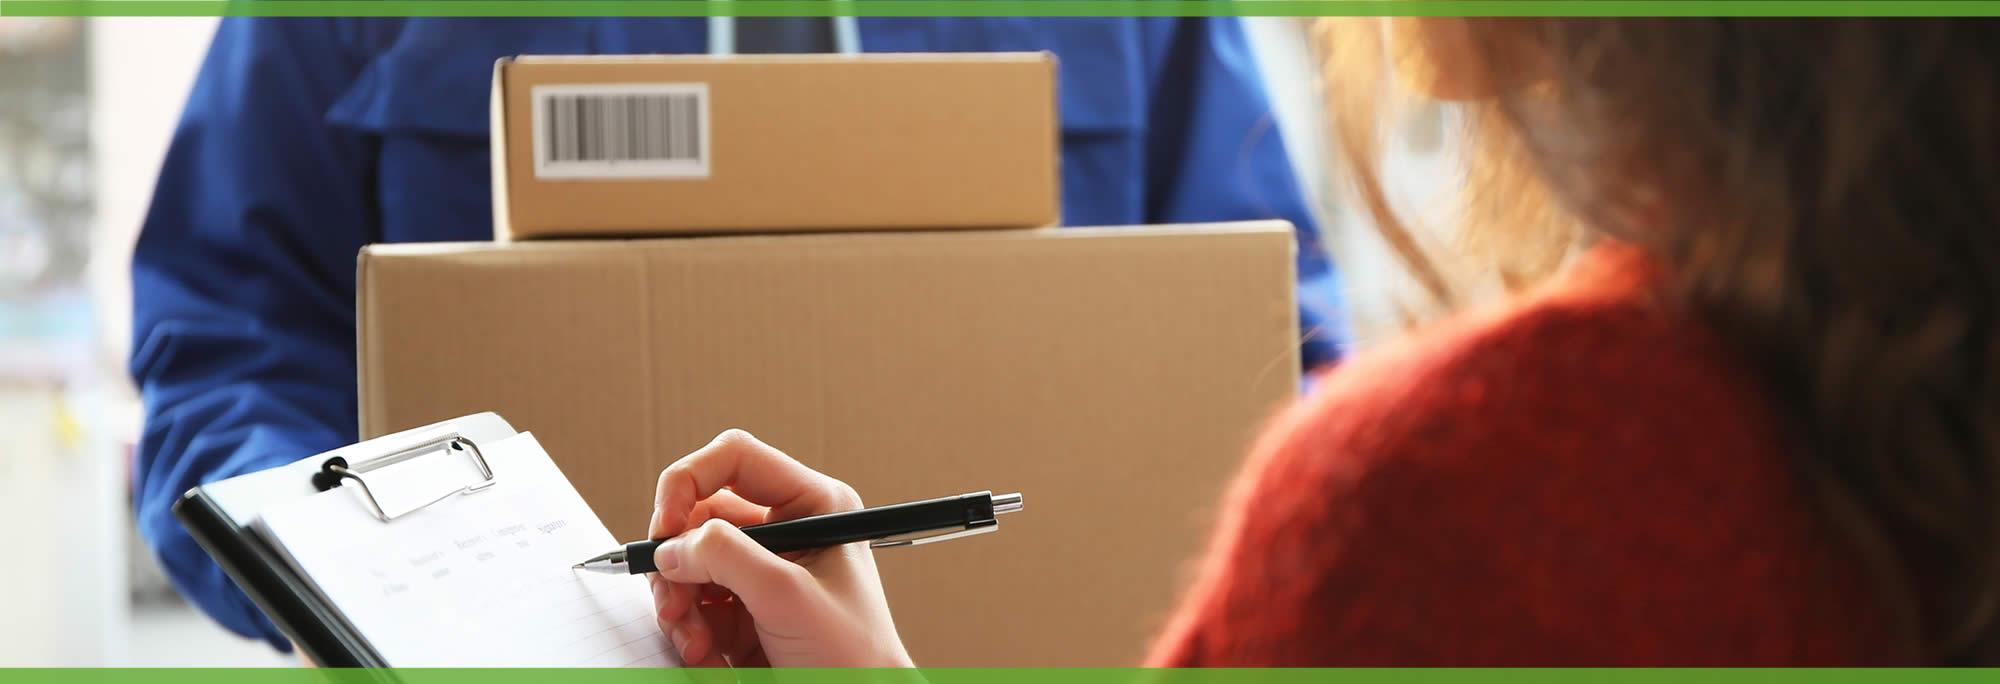 FAQ Spedizioni e Consegne Domande frequenti sulle spedizioni di corrispondenza e pacchi in Italia e all'estero.